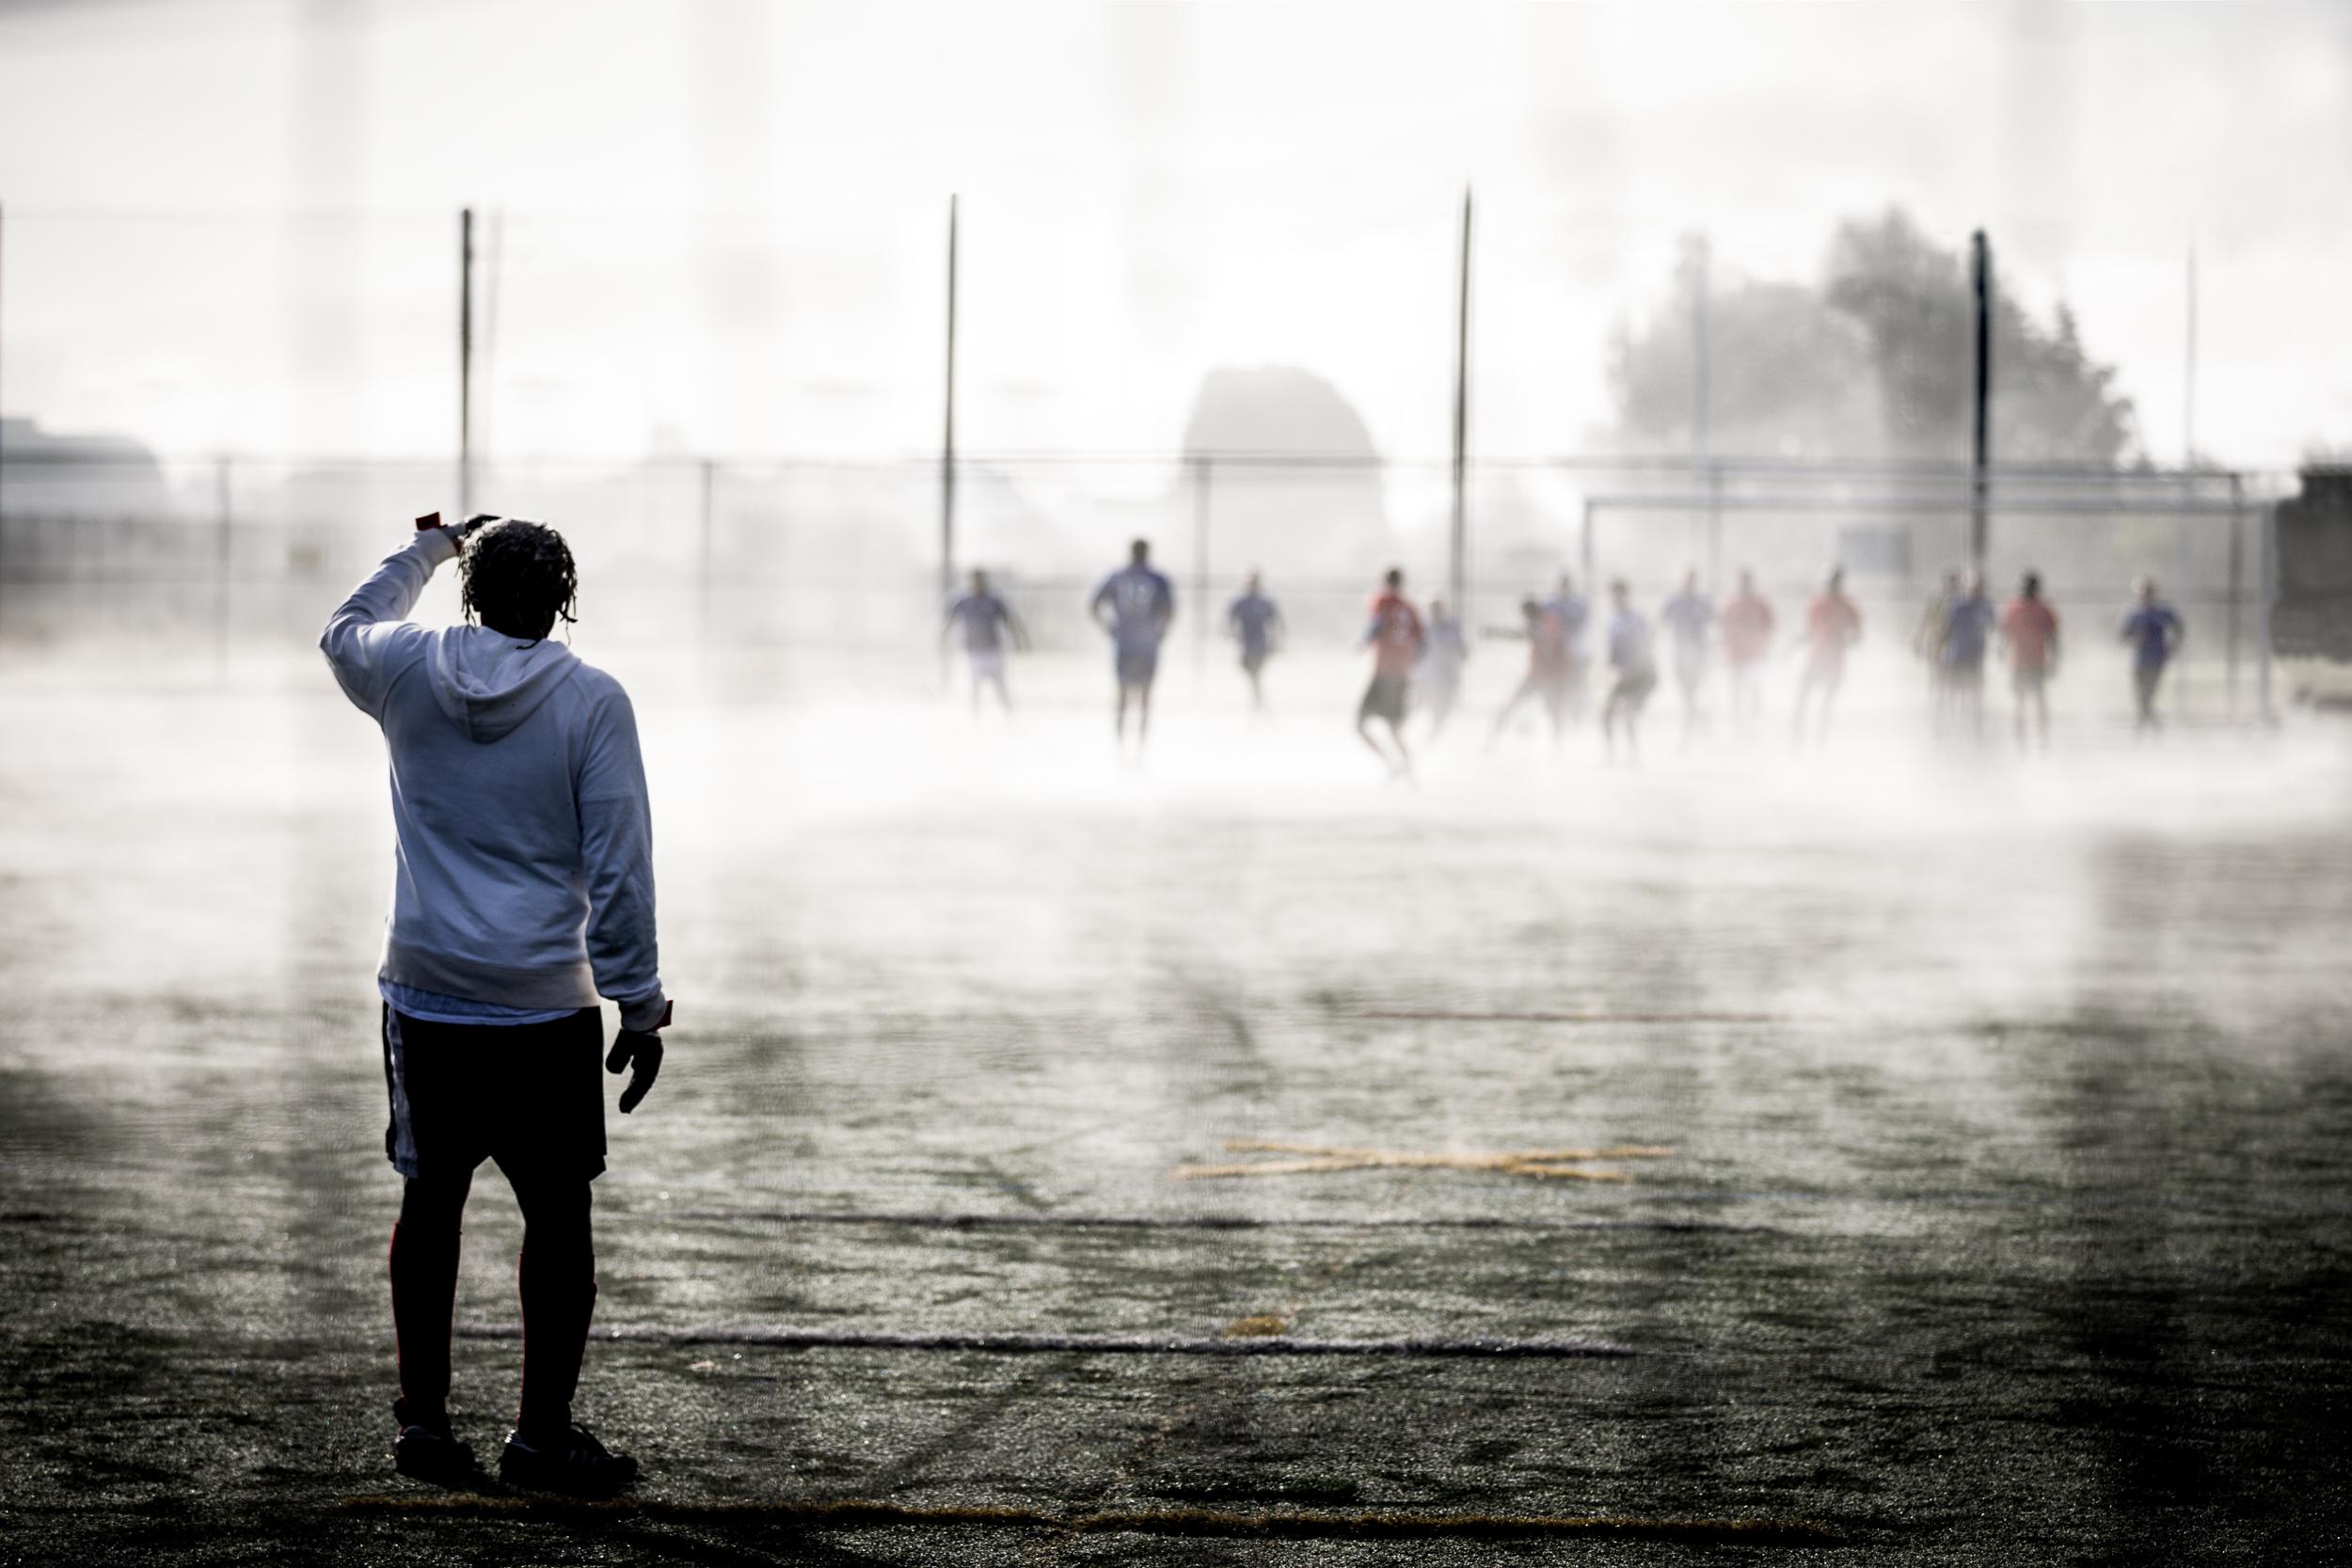 soccerin fog_24.jpg